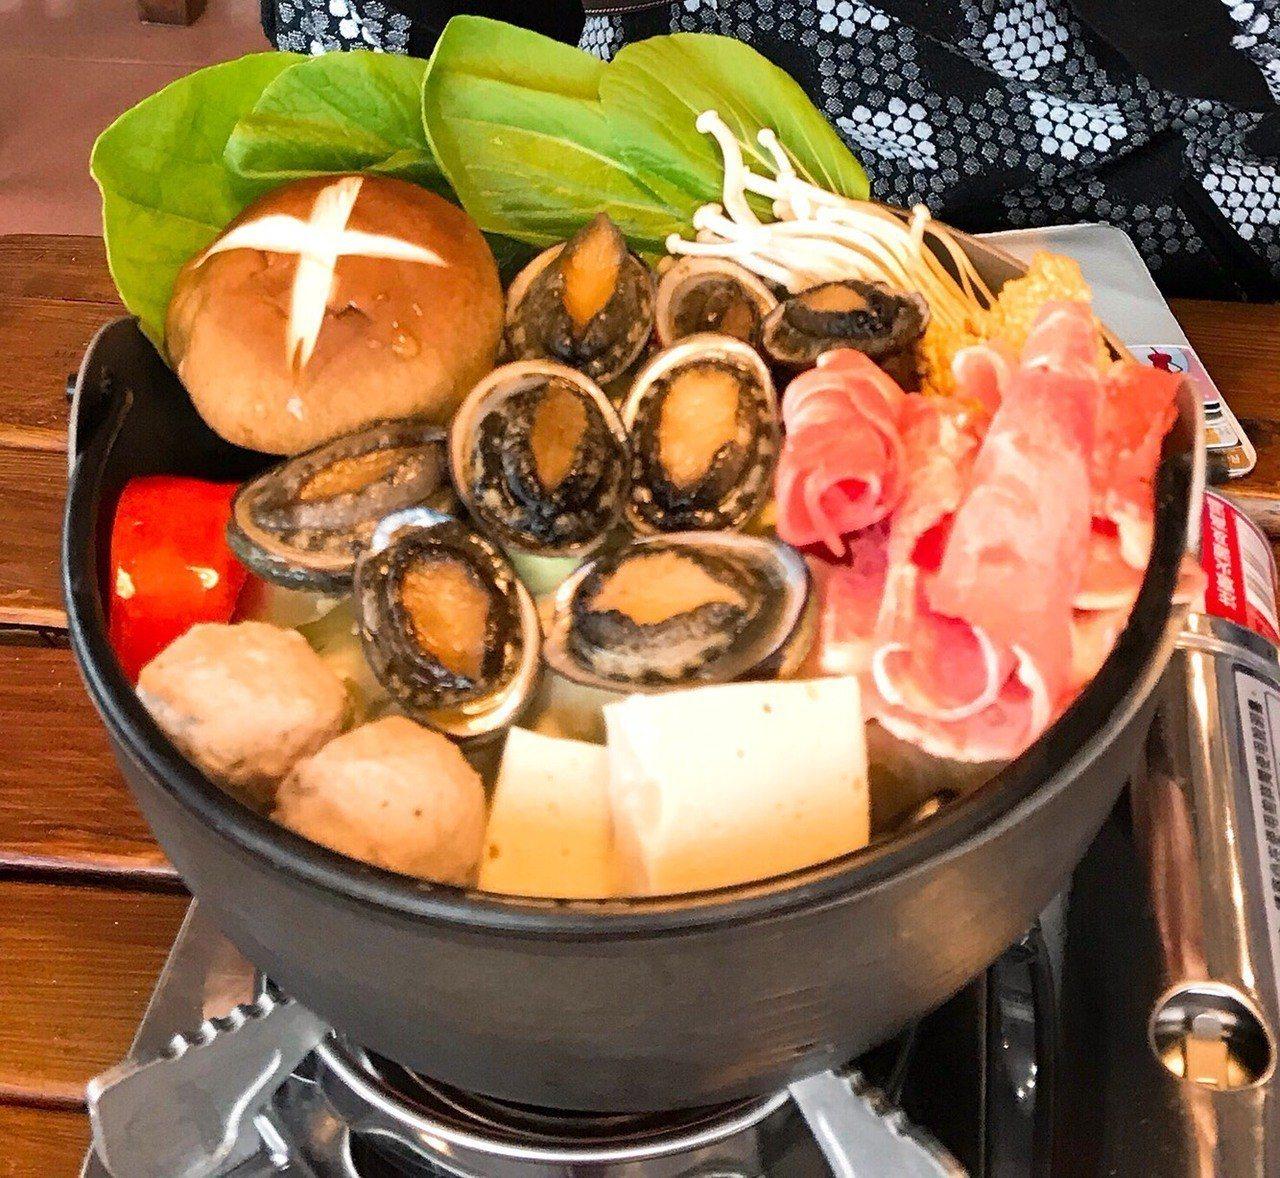 貢寮鮑火鍋。在地產的安心貢寮鮑。圖/新北市農業局提供